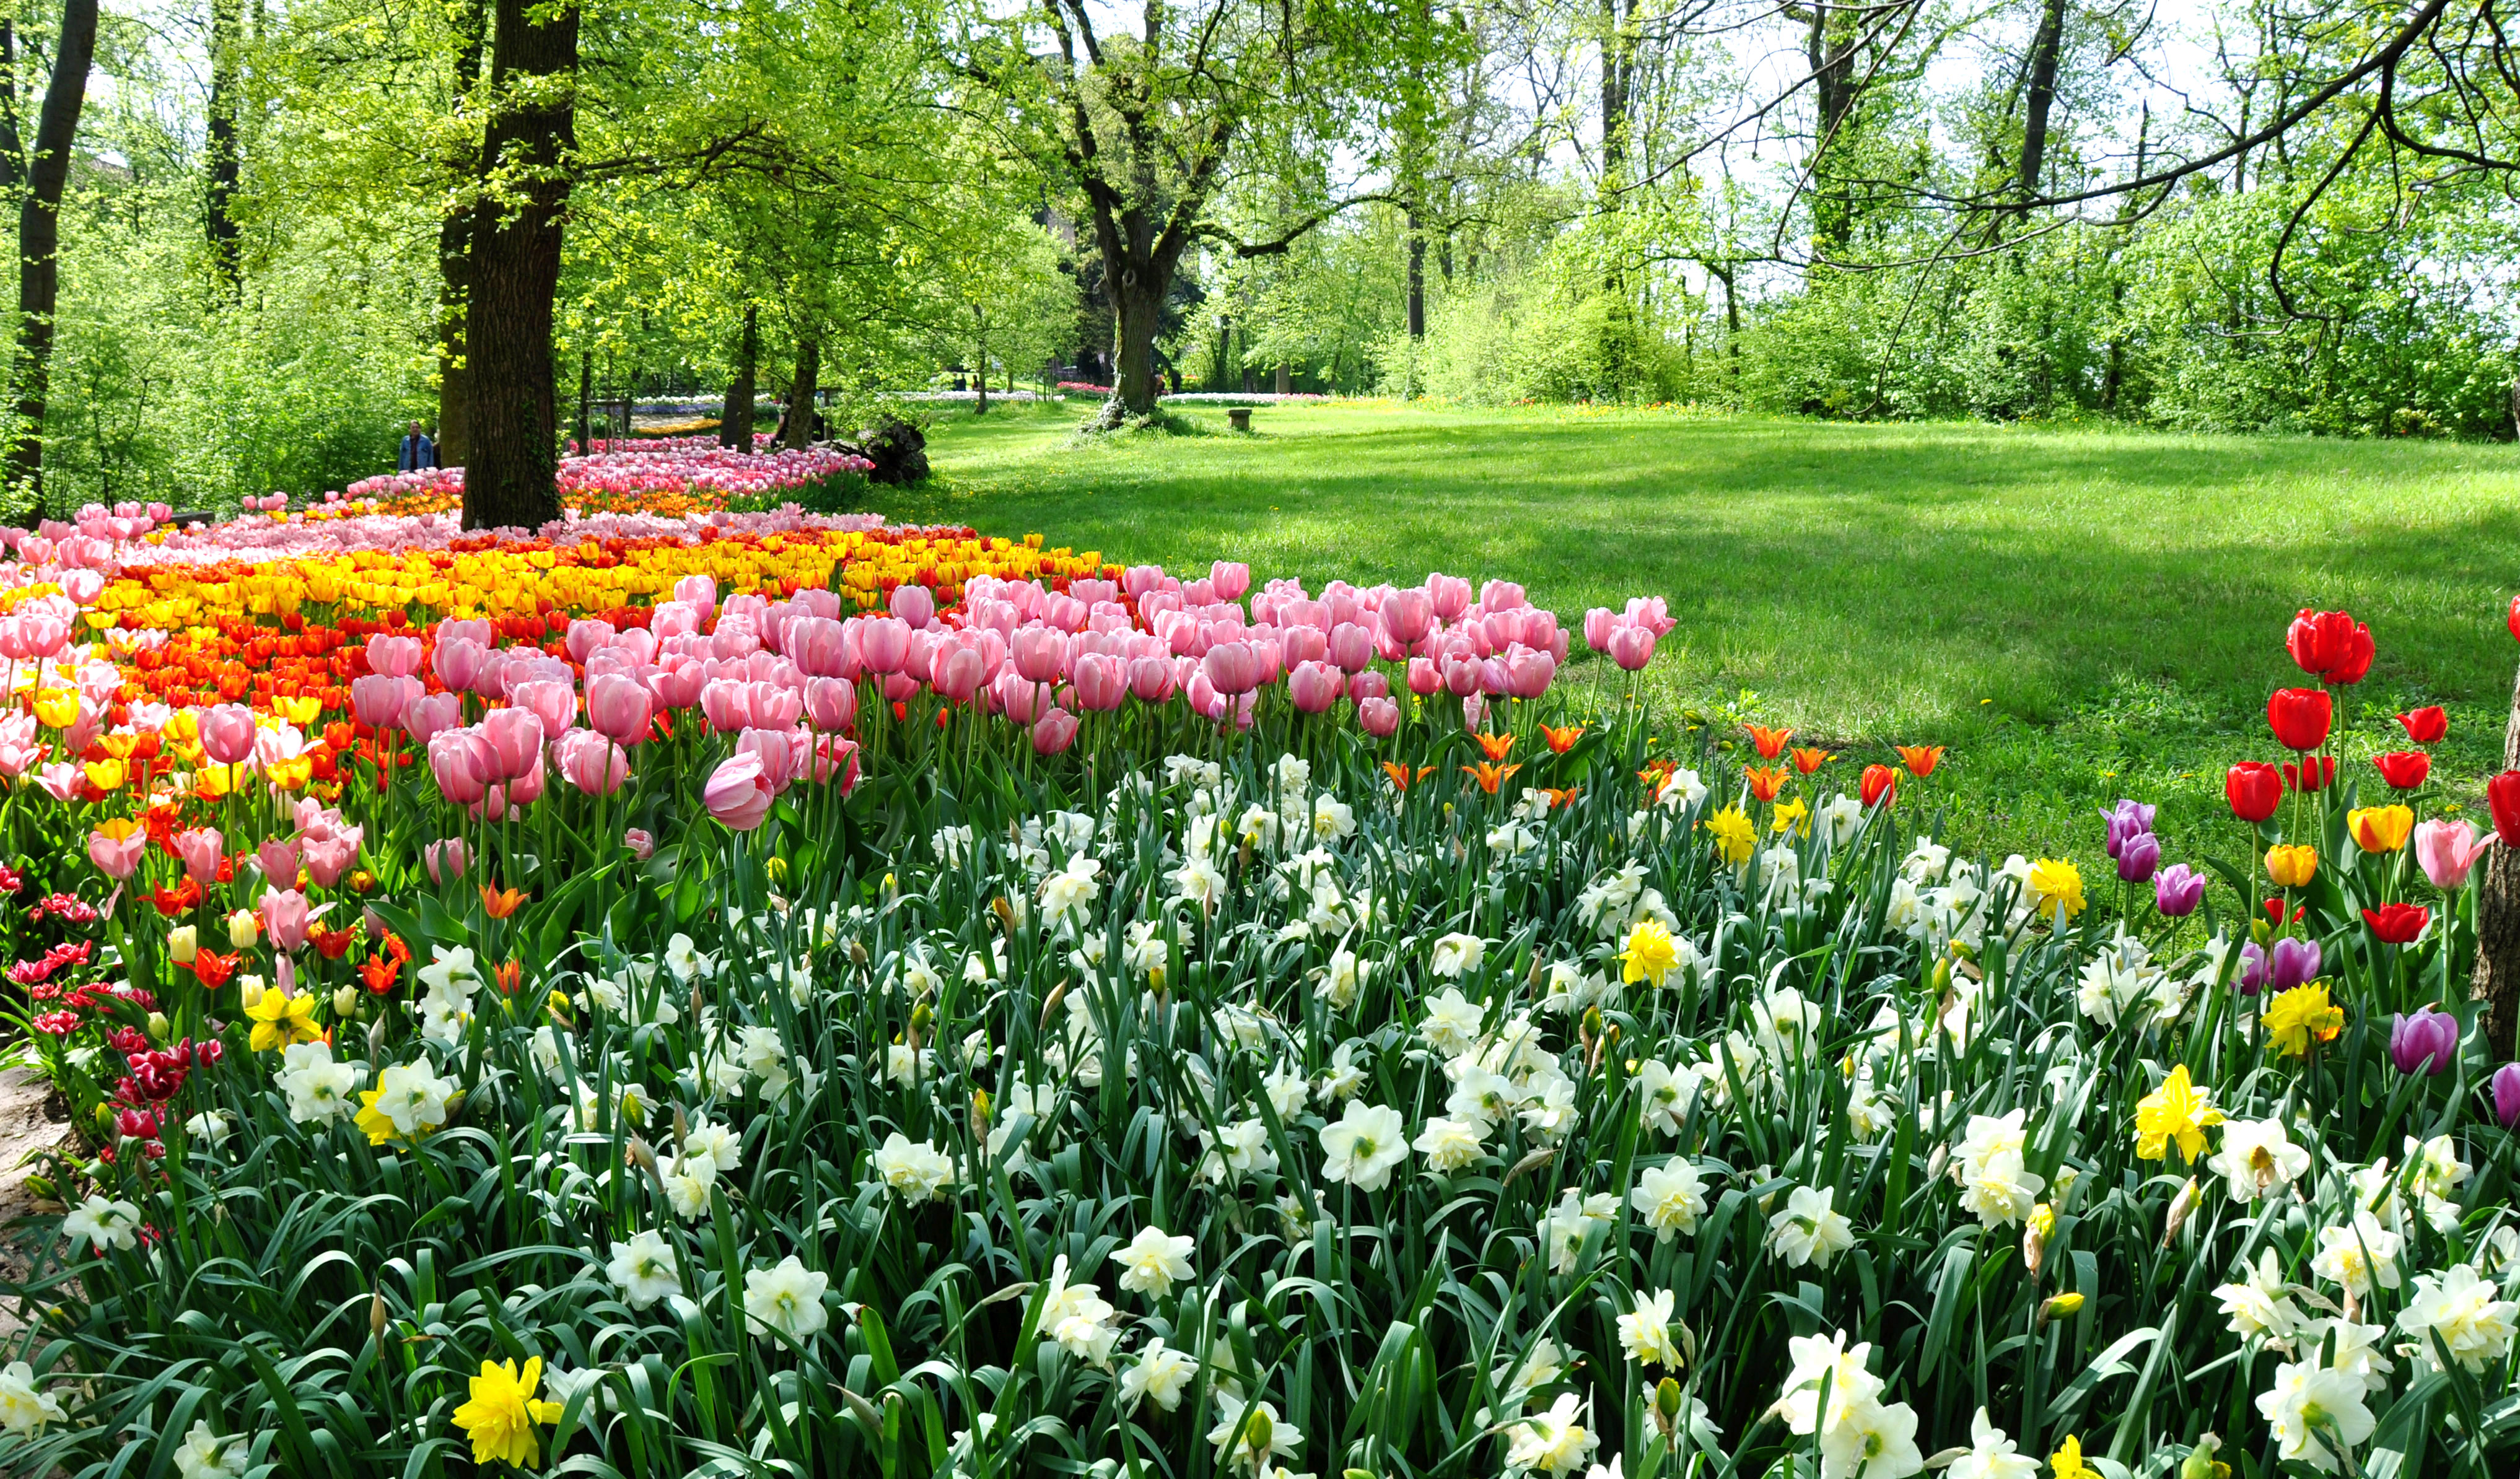 Parchi e giardini in fiore dove si trovano quelli più belli